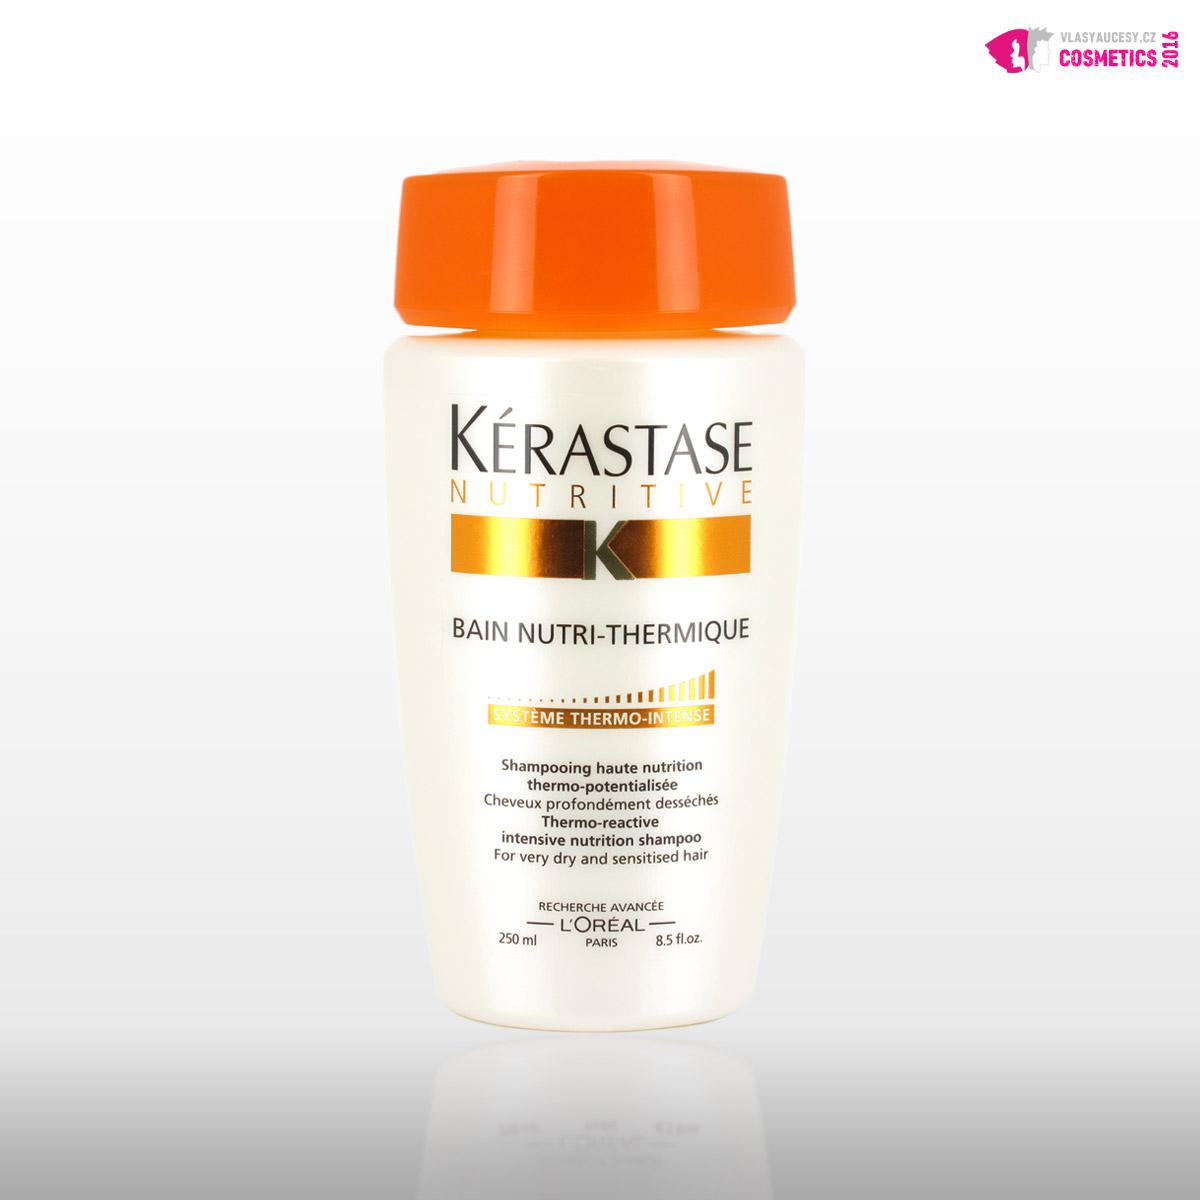 """Šampony Kérastase pro suché vlasy: <a href=""""http://www.anrdoezrs.net/click-7863143-12225550-1438331618000?url=http%3A%2F%2Fwww.parfums.cz%2Fkerastase%2Fnutritive-termoaktivni-sampon-pro-velmi-suche-a-citlive-vlasy%2F&cjsku=KERNUTW_KSHA10"""" target=""""_blank""""> Kérastase Nutritive termoaktivní šampon pro velmi suché a citlivé vlasy, cena od 477 Kč. </a>"""